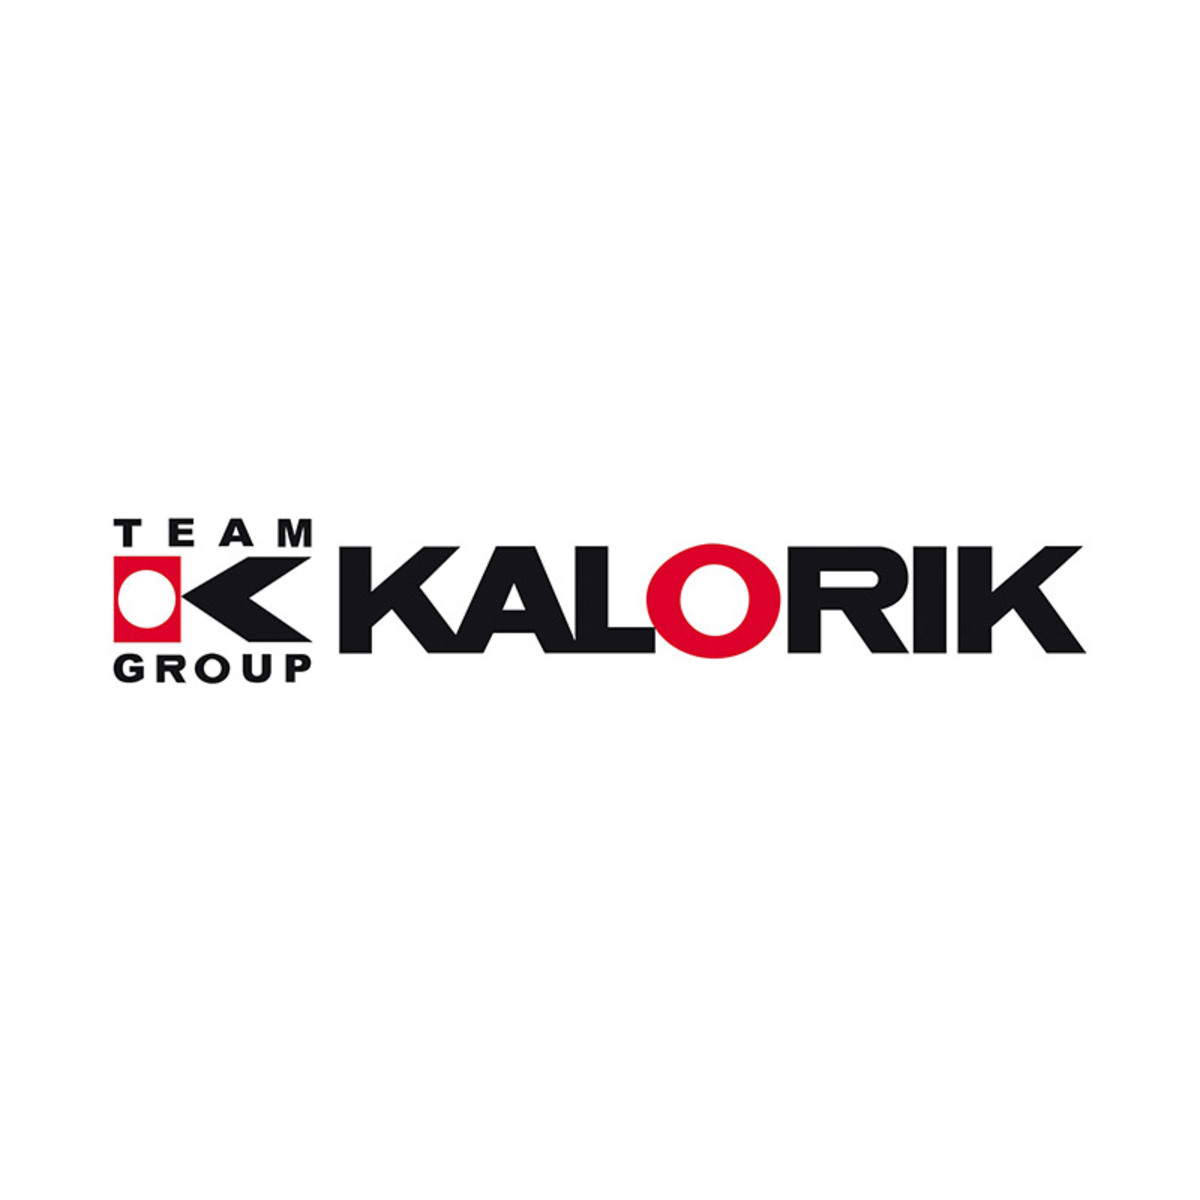 Bild 4 von Kalorik Retro-Multiofen 19,5 Liter Design-Miniofen TKG OT 2500 Tischbackofen creme-weiß